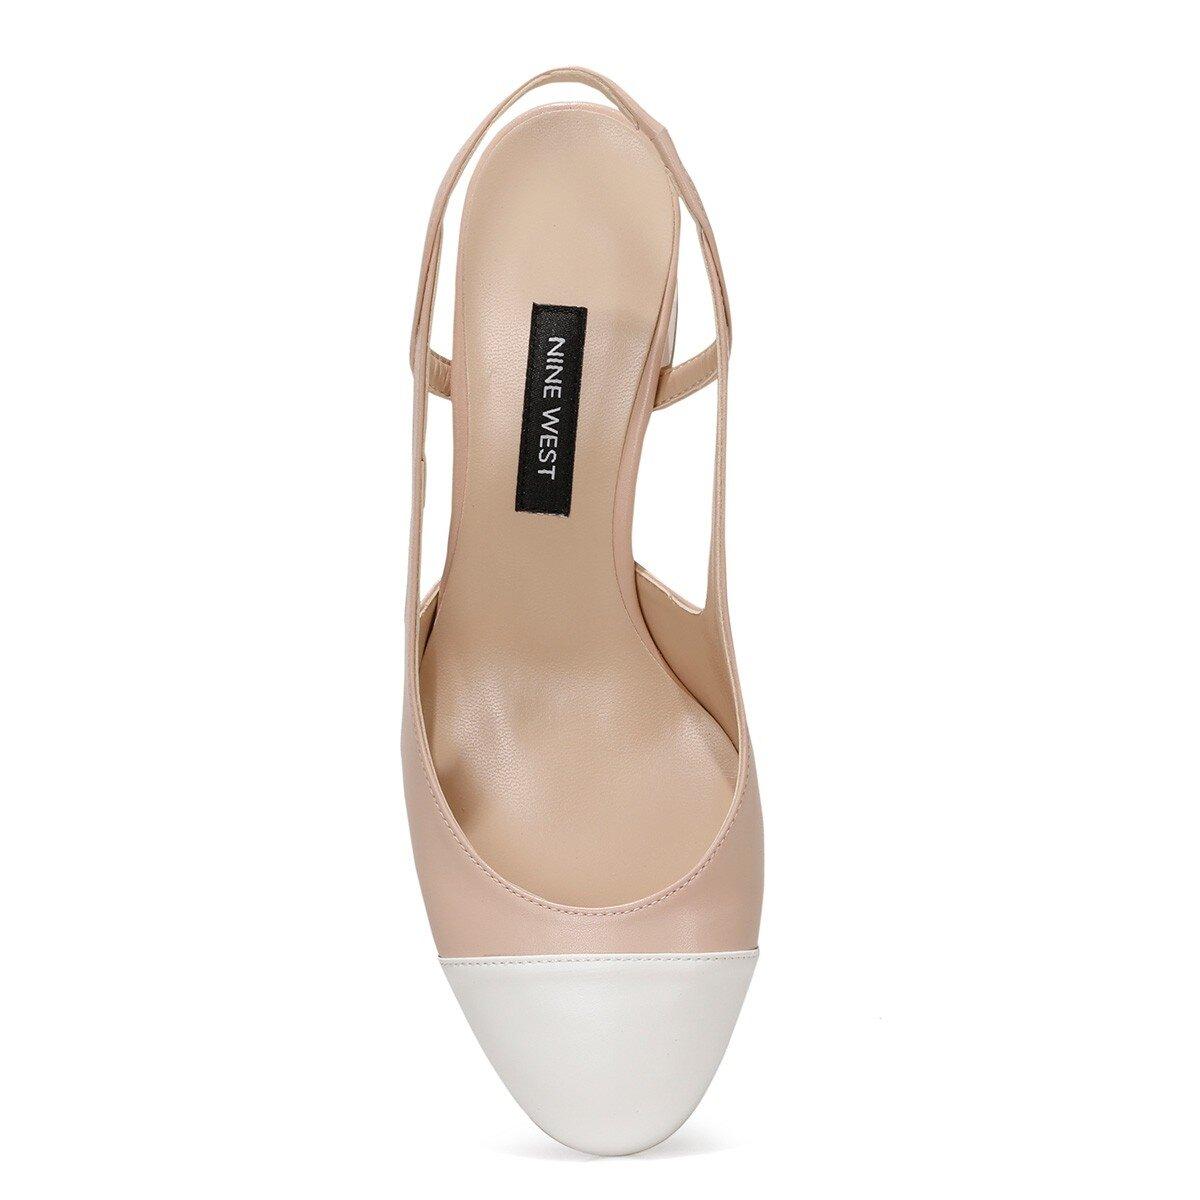 SENDAR Pudra Kadın Topuklu Ayakkabı